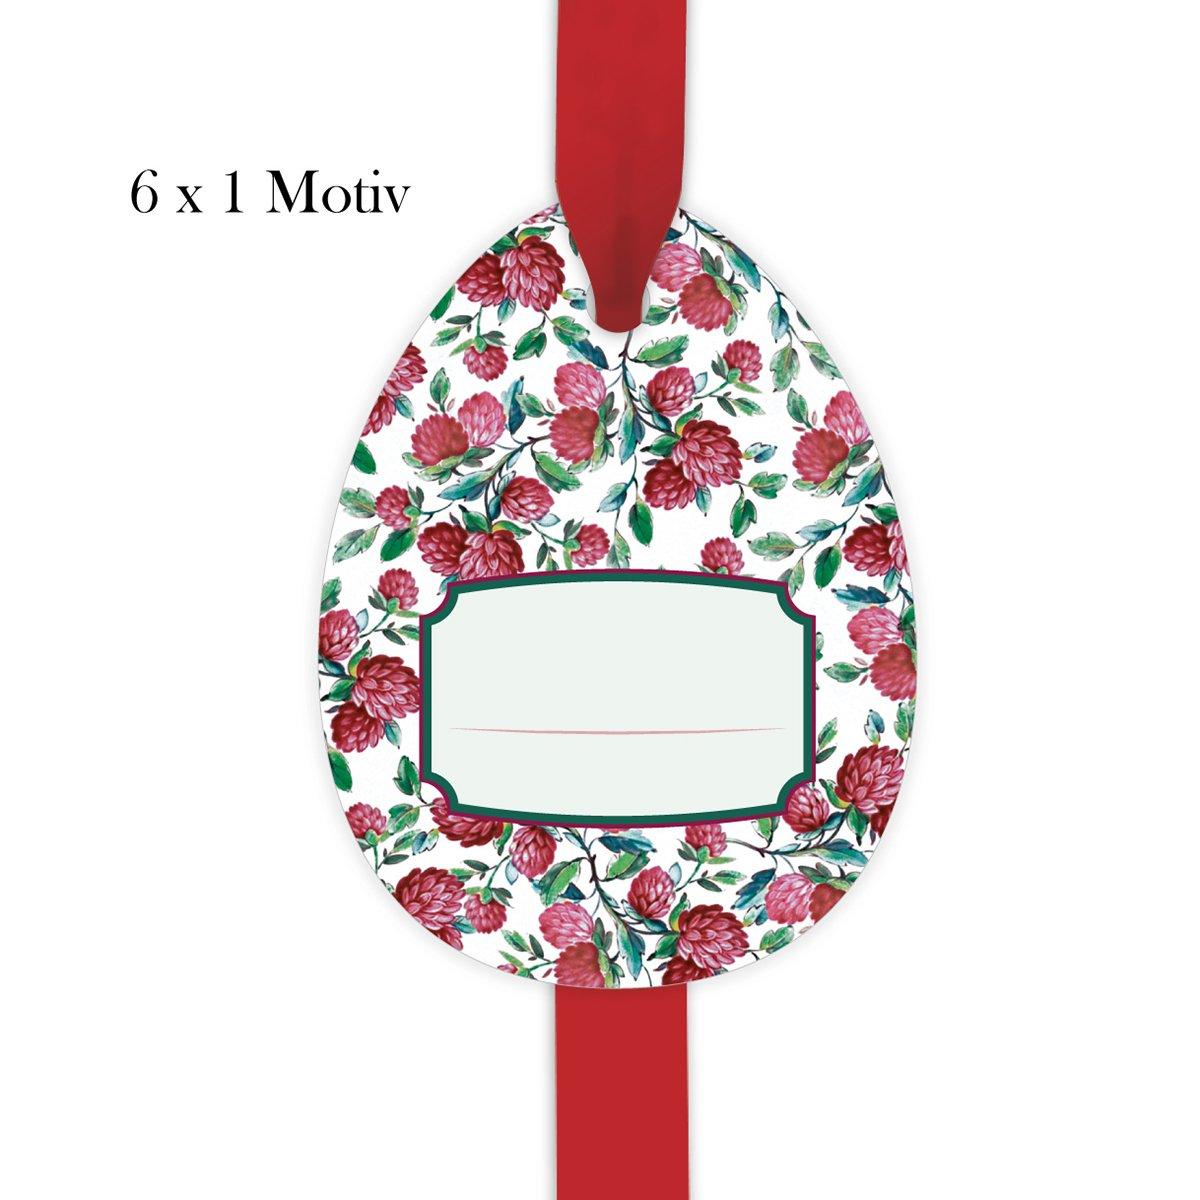 24 étiquettes de cadeau  60 étiquettes classiques de cadeau  chance   Gift Tags   voituretes-cadeaux déco en forme d'oeuf 10 x 7,5cm avec trèfle fleuri